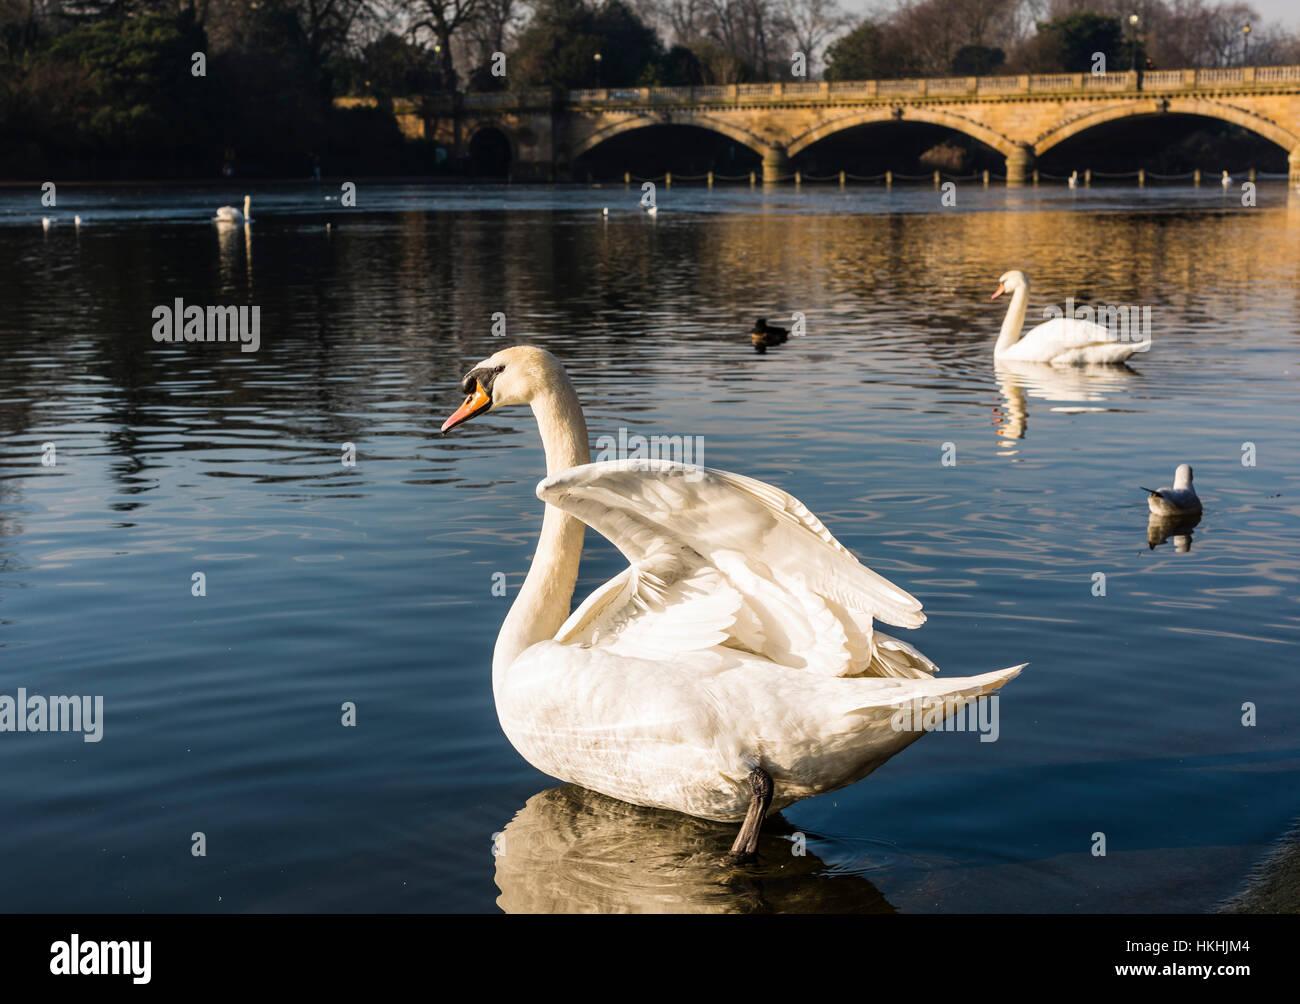 Majestic cigni sul lago a serpentina in Hyde Park, London, Regno Unito Immagini Stock